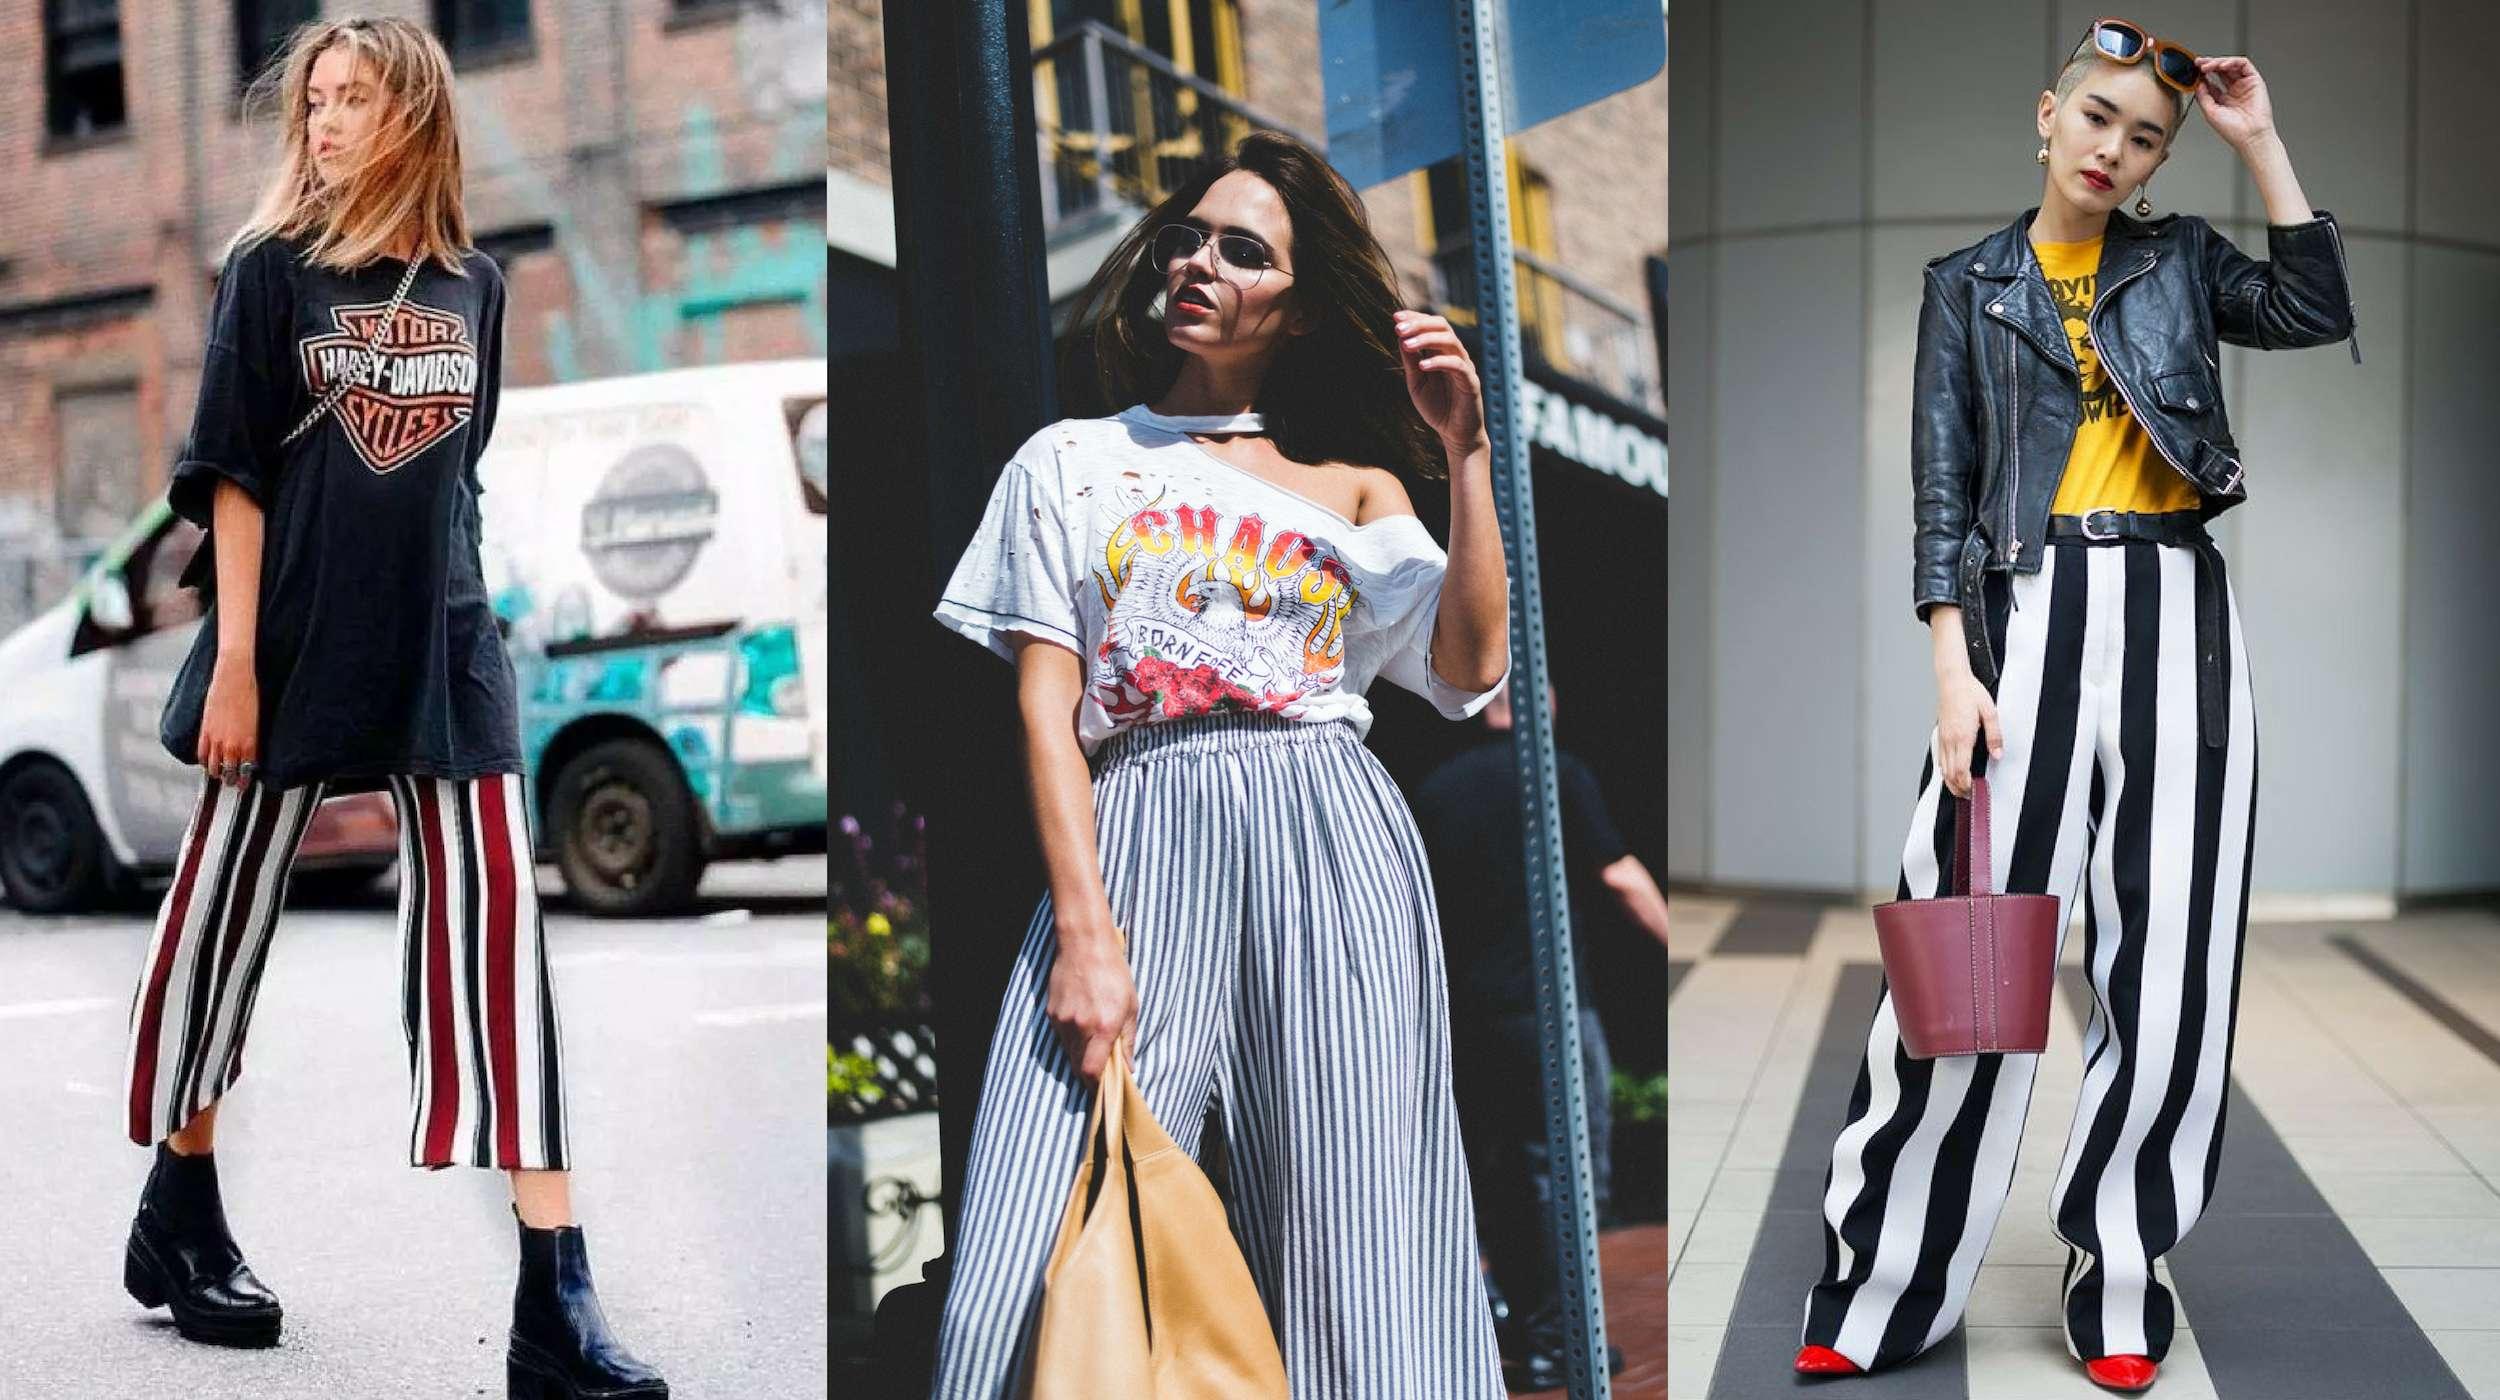 Điểm mặt 6 mẫu áo hot trend đang được ưa chuộng hè 2021